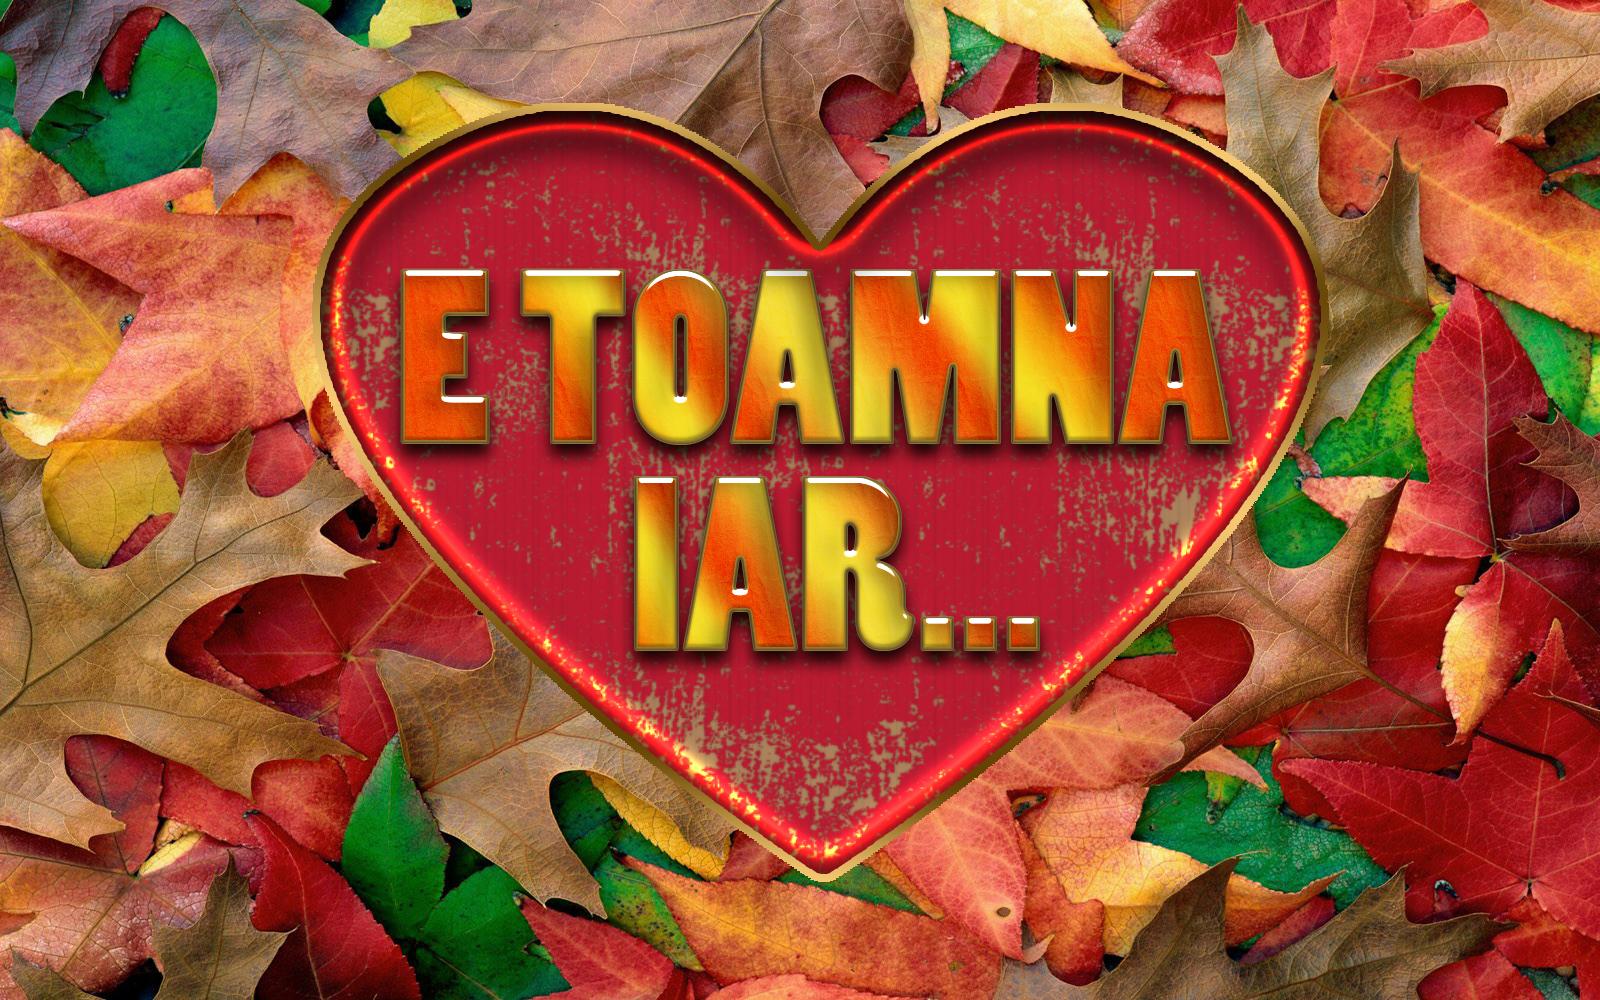 E_TOAMNA_IAR